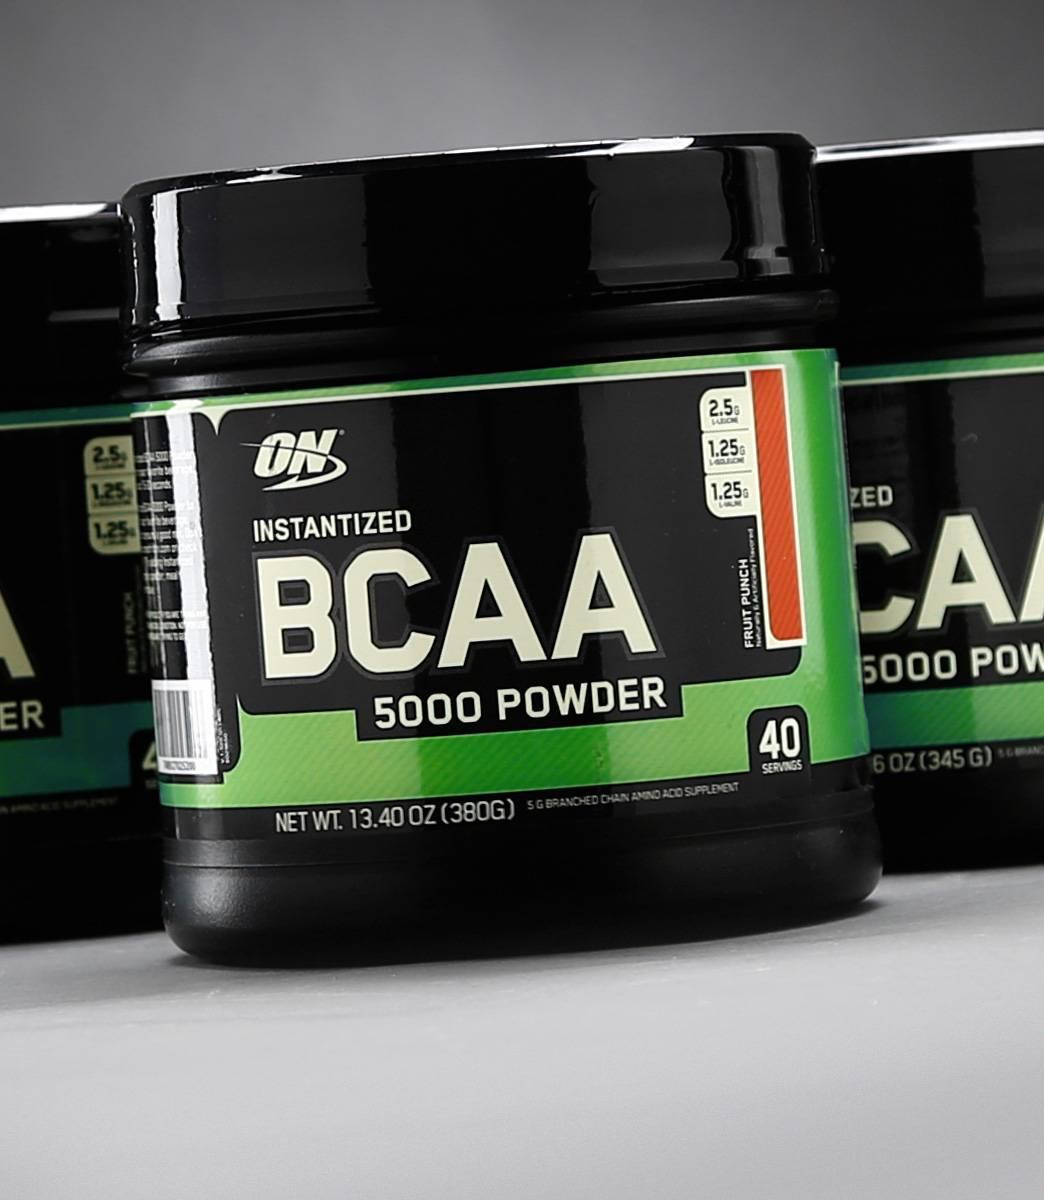 Краткий обзор bcaa 5000 powder (optimum nutrition) — май 2019